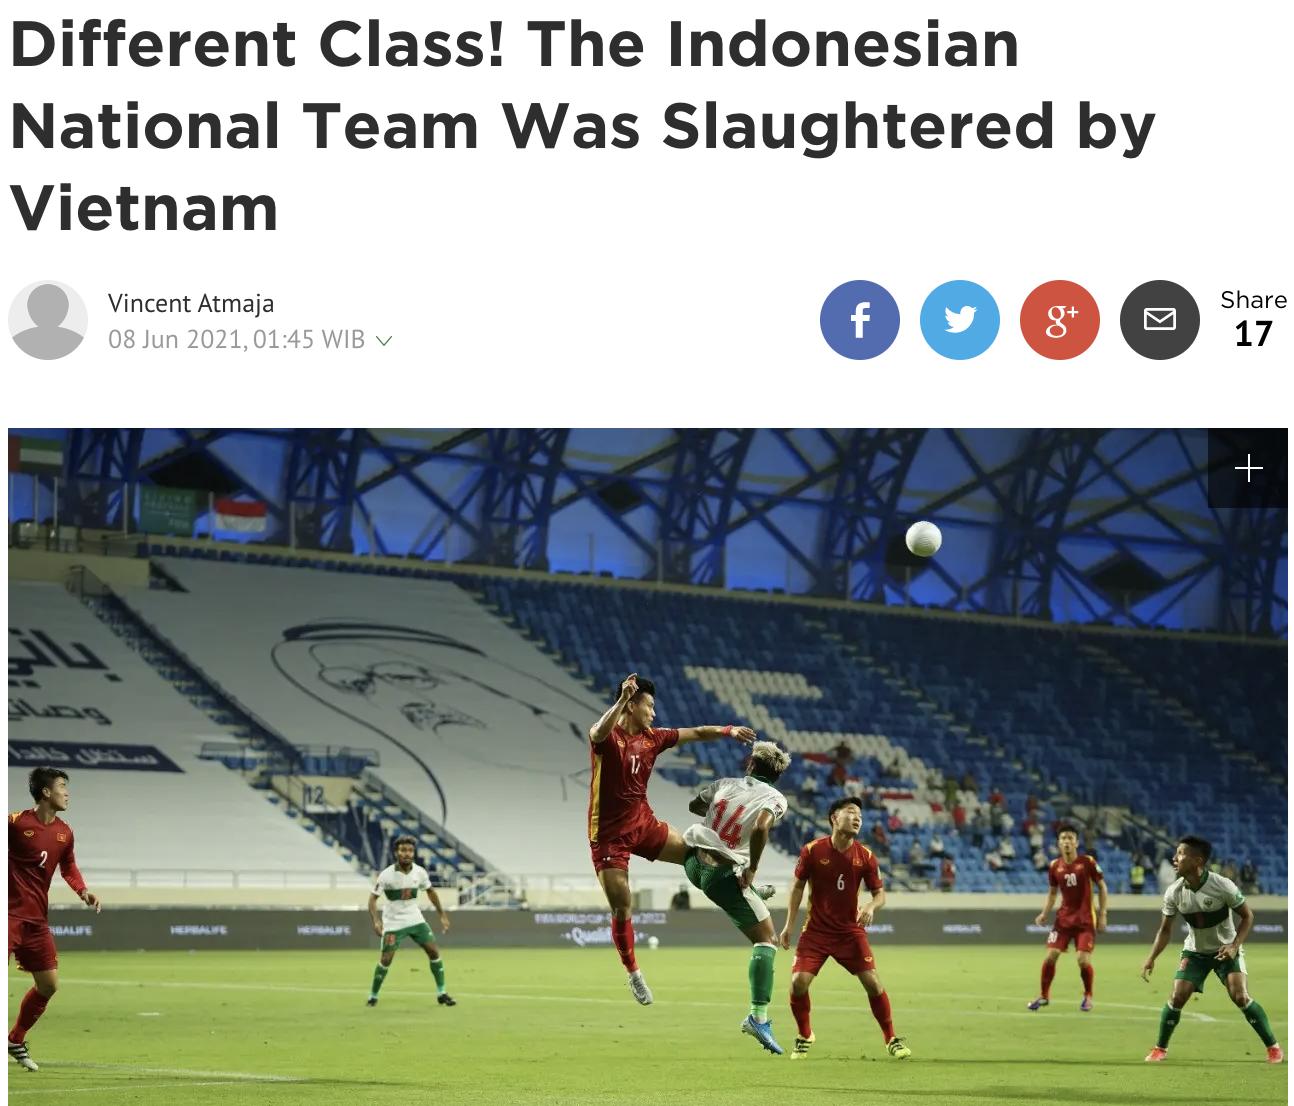 ชื่อบทสรุปหลังการแข่งขันของหนังสือพิมพ์ชาวอินโดนีเซีย Bola.com  ความแตกต่างทางชนชั้น อินโดนีเซียถูกสังหารโดยเวียดนาม หนังสือพิมพ์ฉบับนี้เขียน  ภาพหน้าจอ